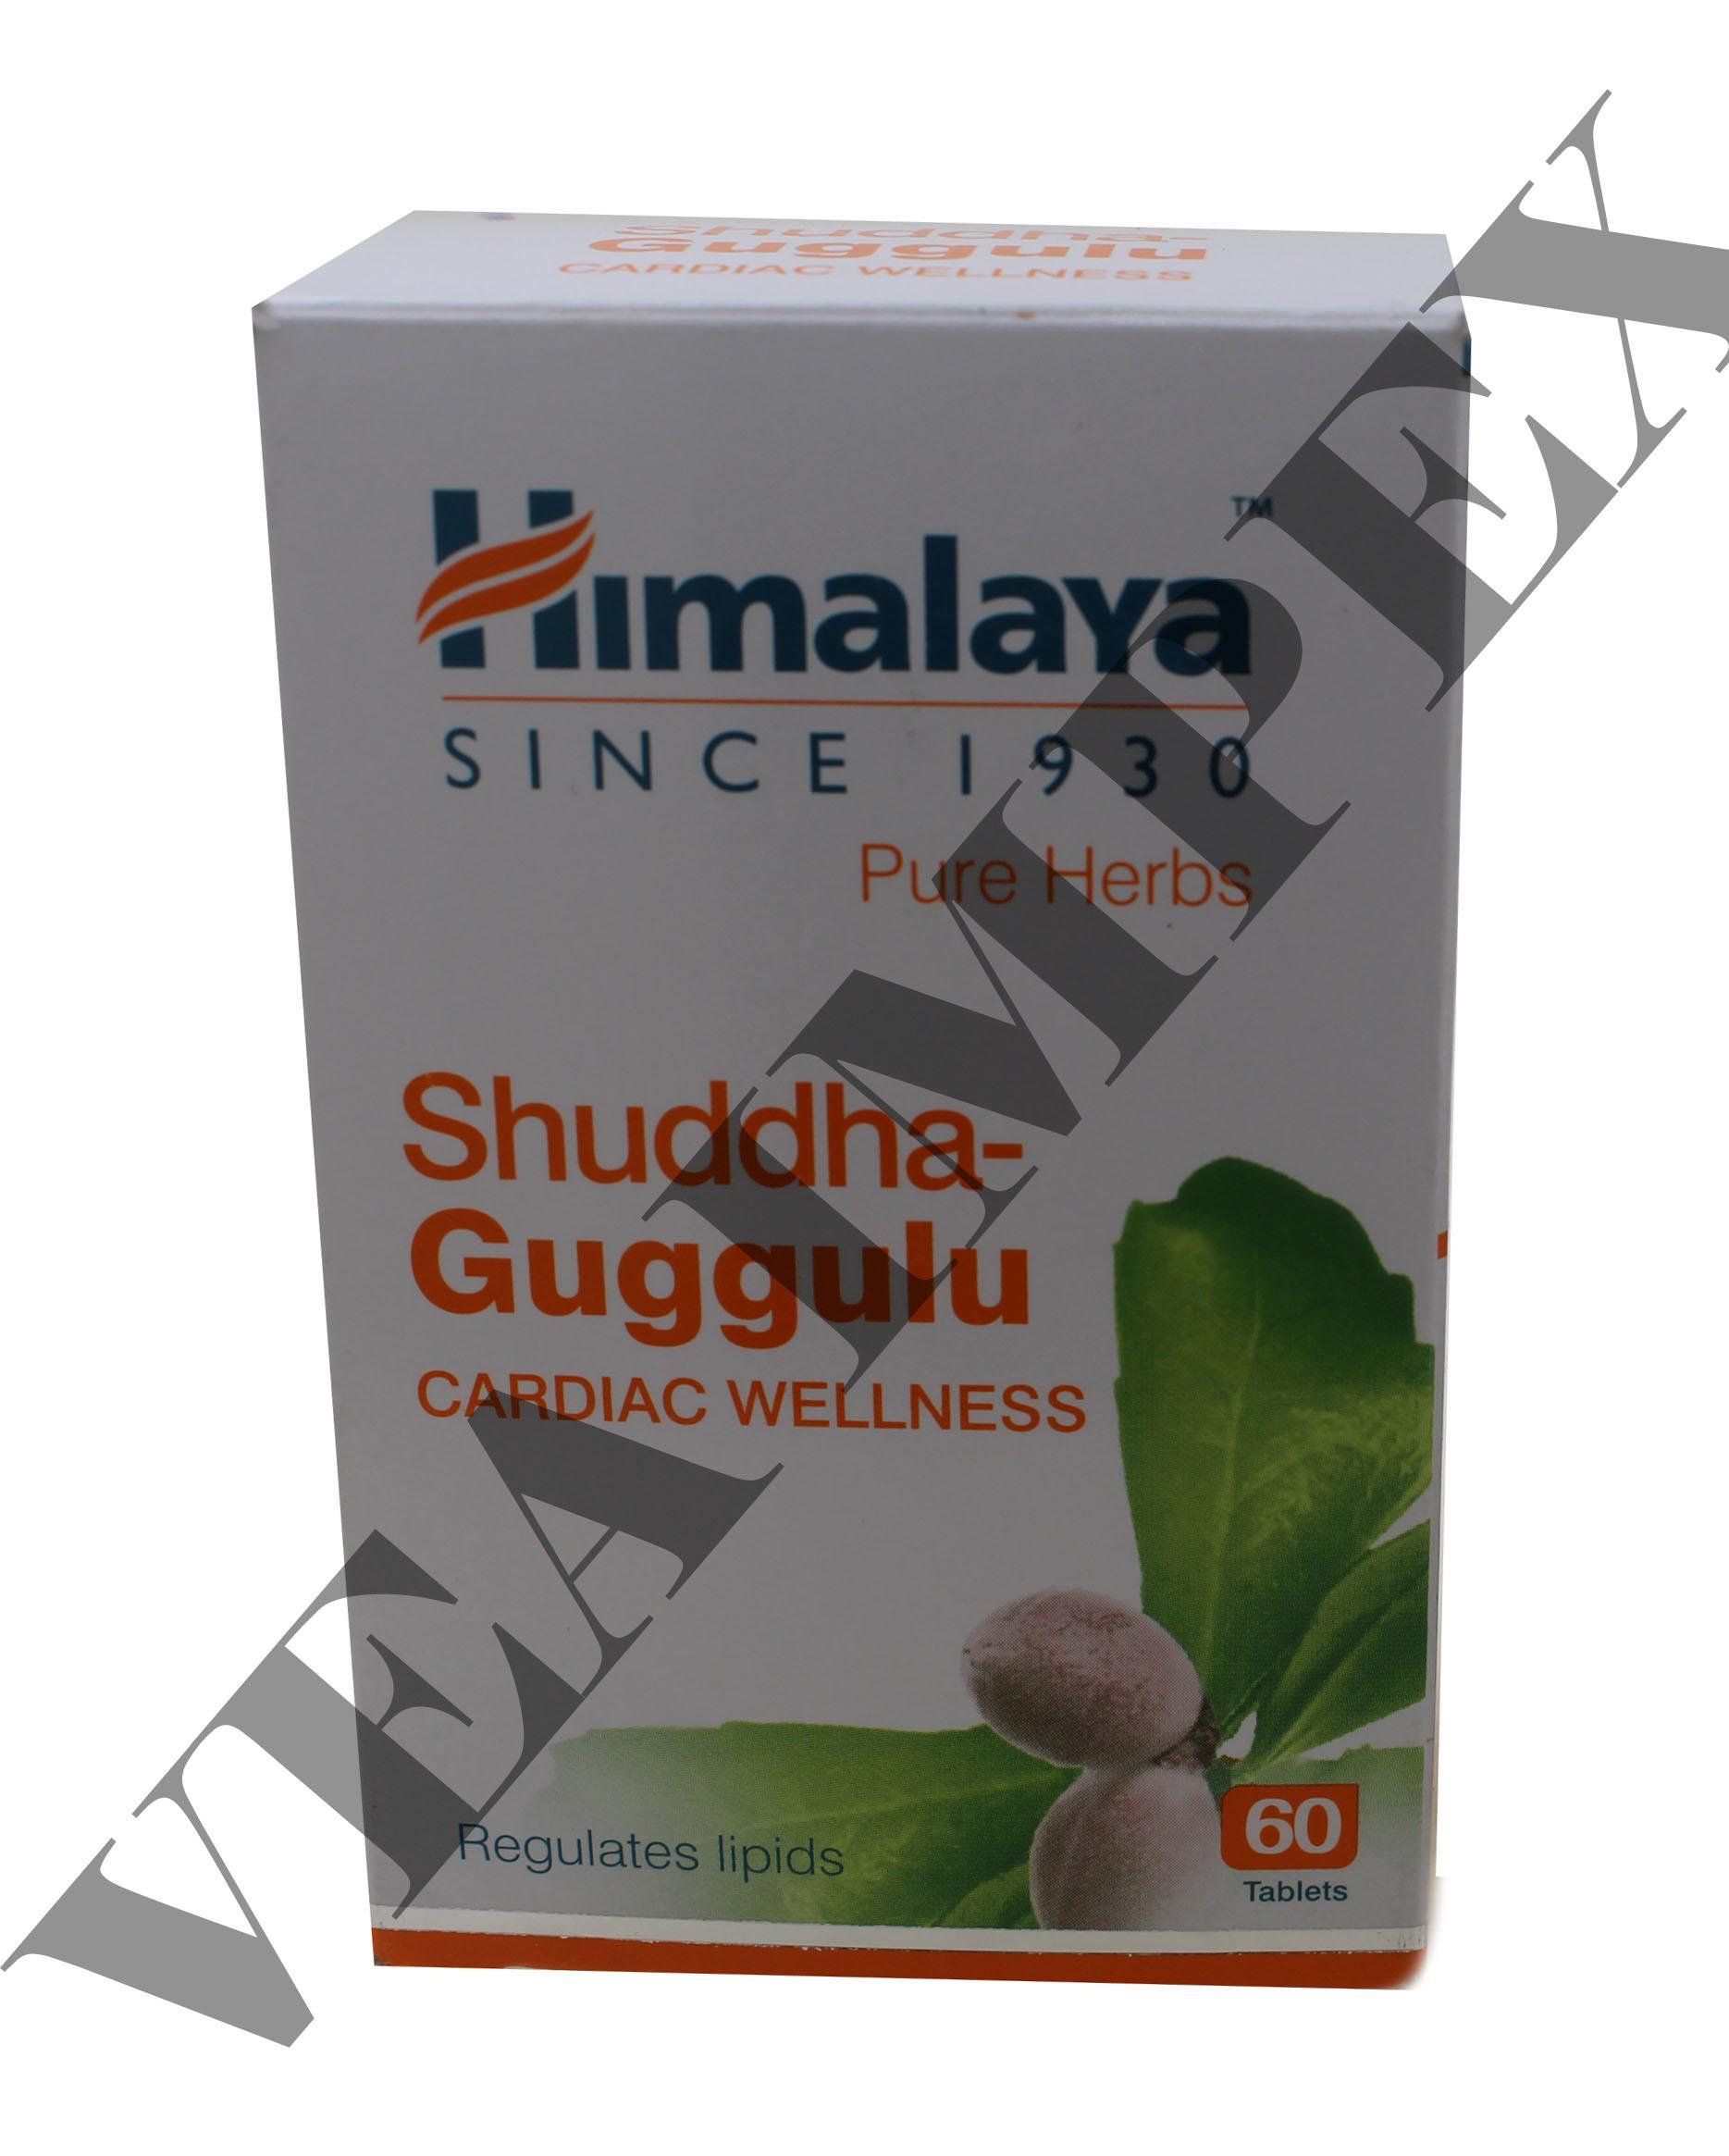 Shuddha Guggulu